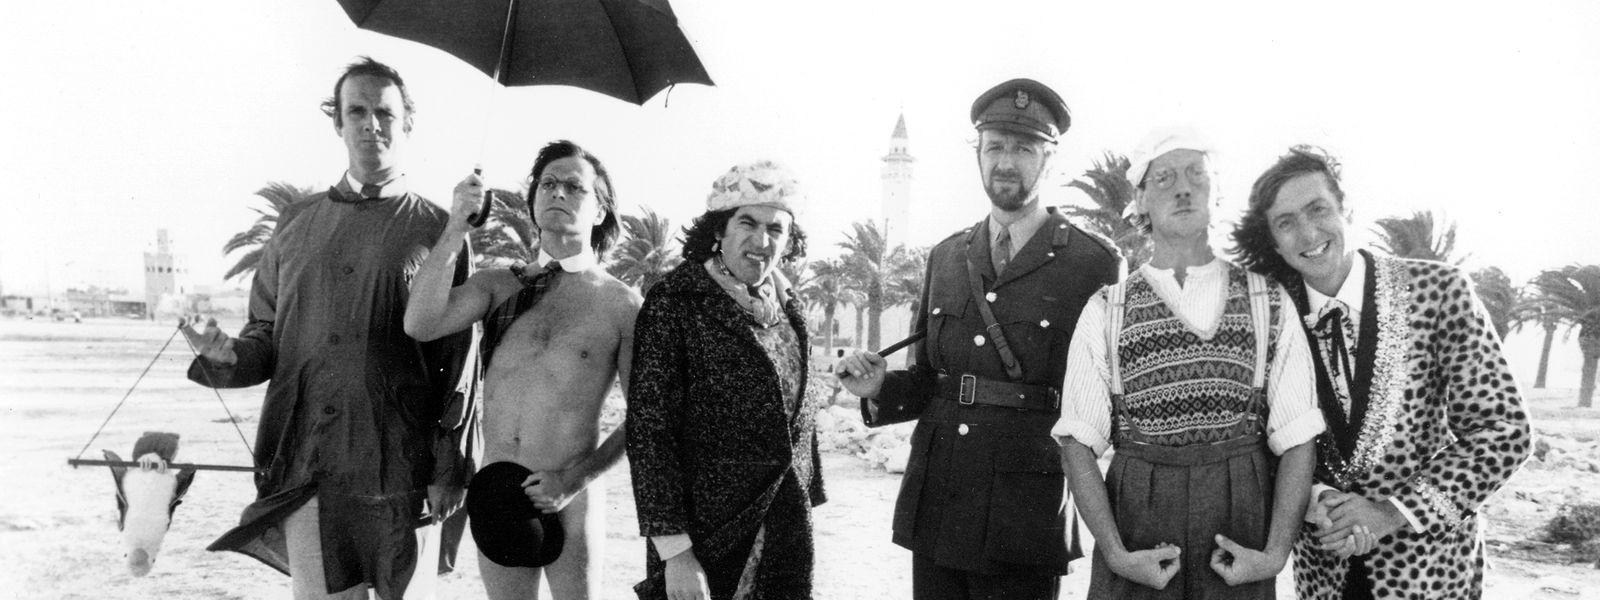 """In Monastir (Tunesien) drehten sie """"Monty Python's Life of Brian"""" 1978: John Cleese, Terry Gilliam, Terry Jones, Graham Chapman (1941 - 1989), Michael Palin und Eric Idle."""